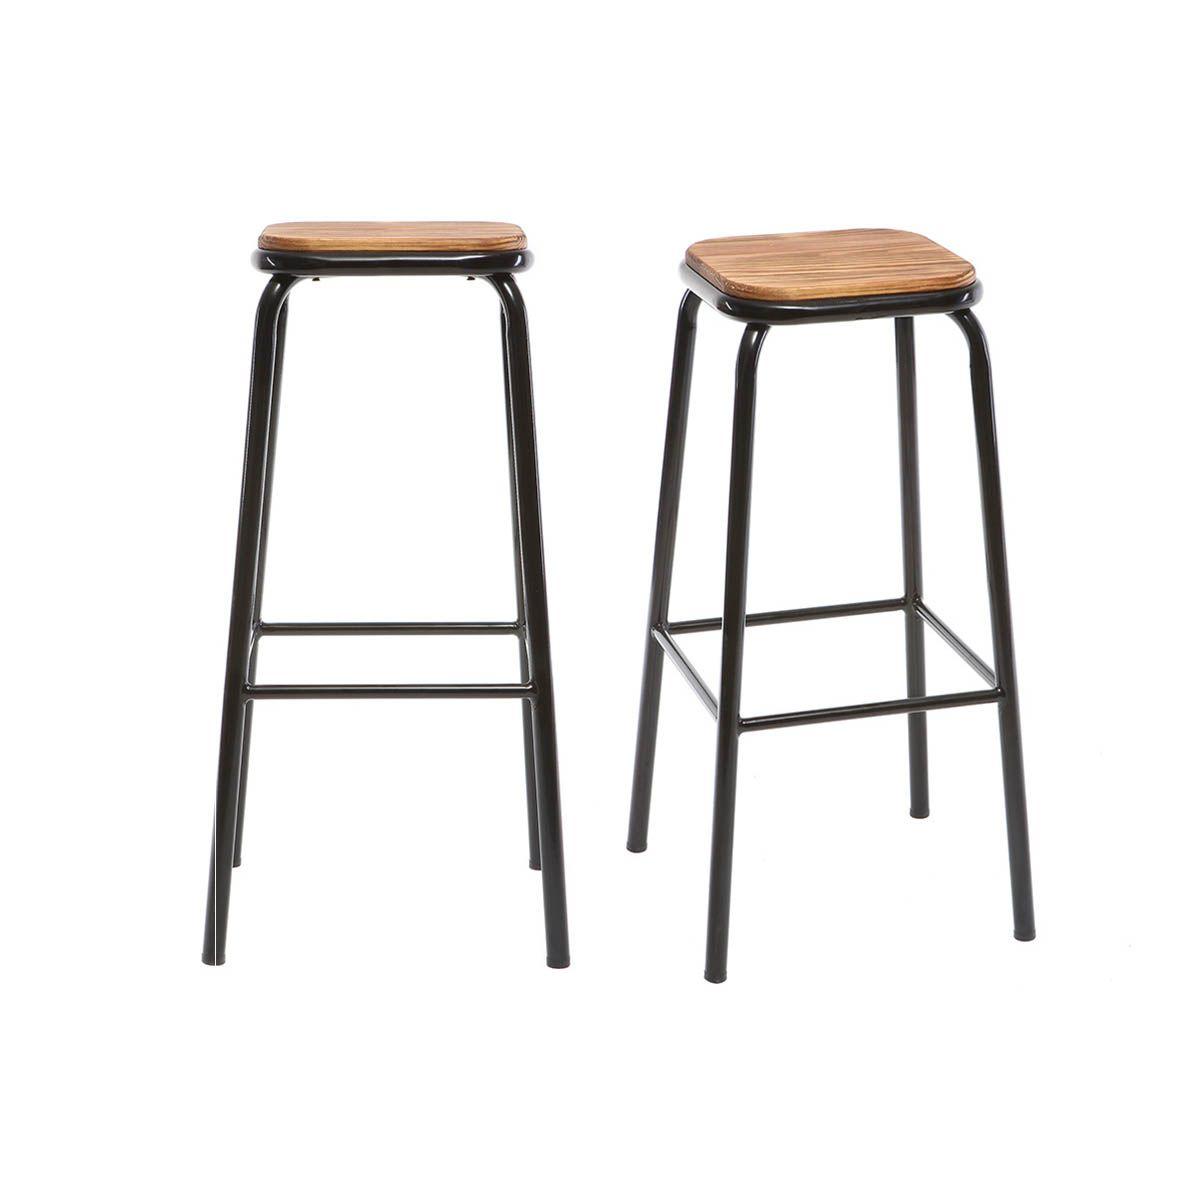 Sgabello da bar design nero gruppo di 2 H75cm MEMPHIS Sgabelli da bar